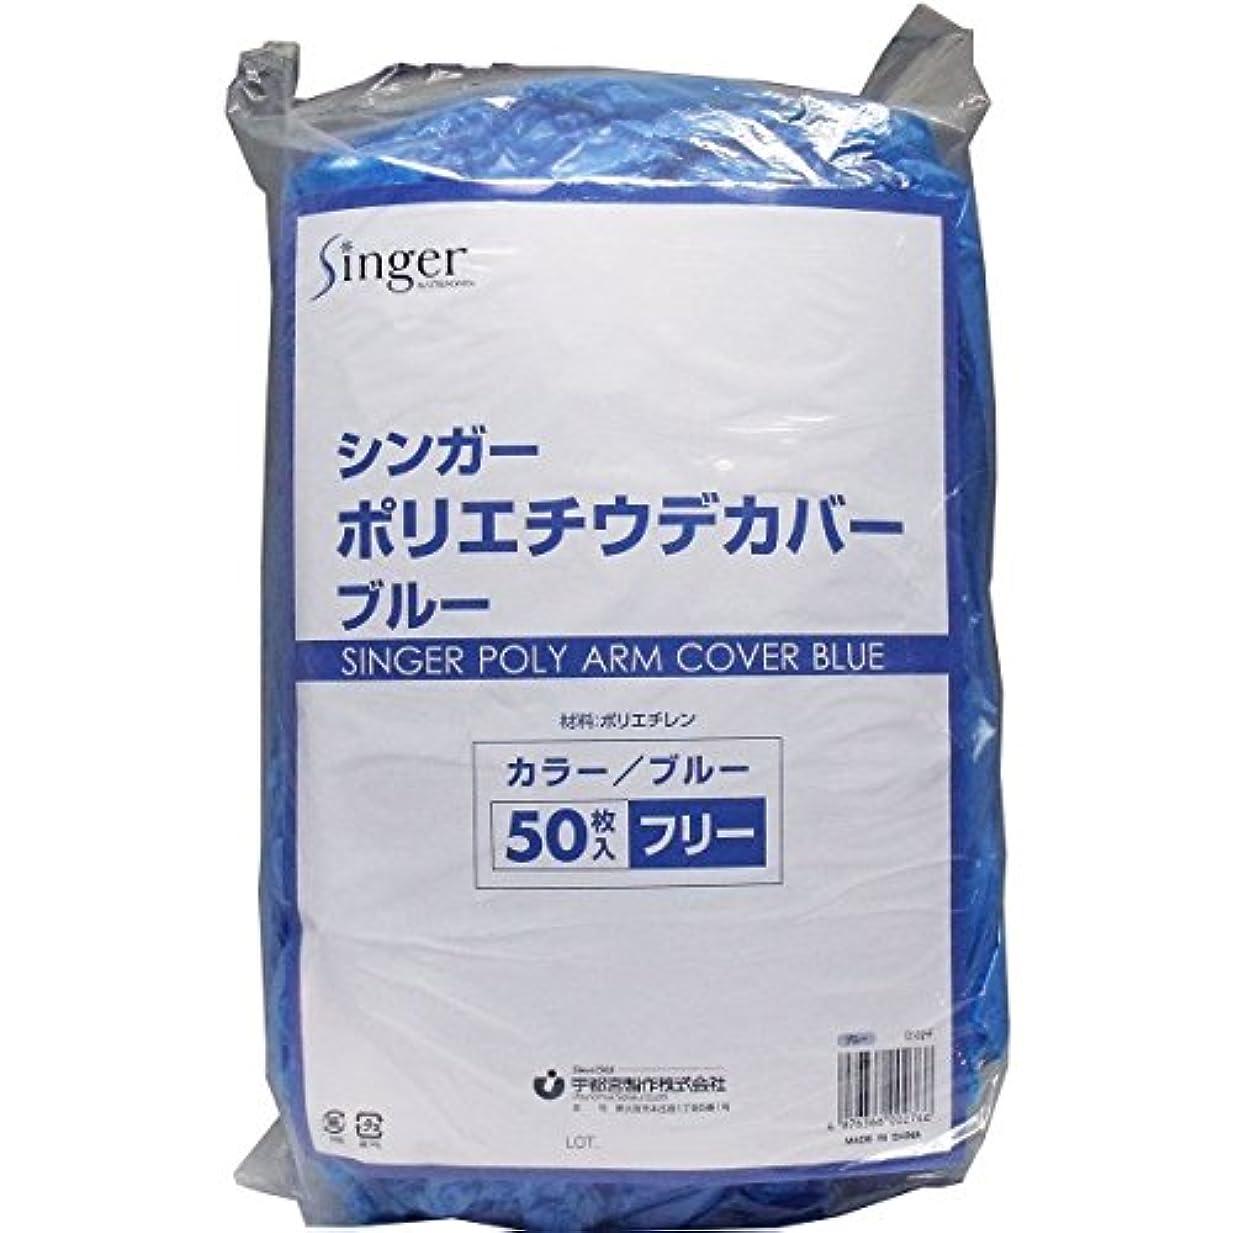 ヤギ対角線カレンダーシンガー ポリエチウデカバー (腕カバー) ブルー フリーサイズ 1000枚入り 50枚x20袋